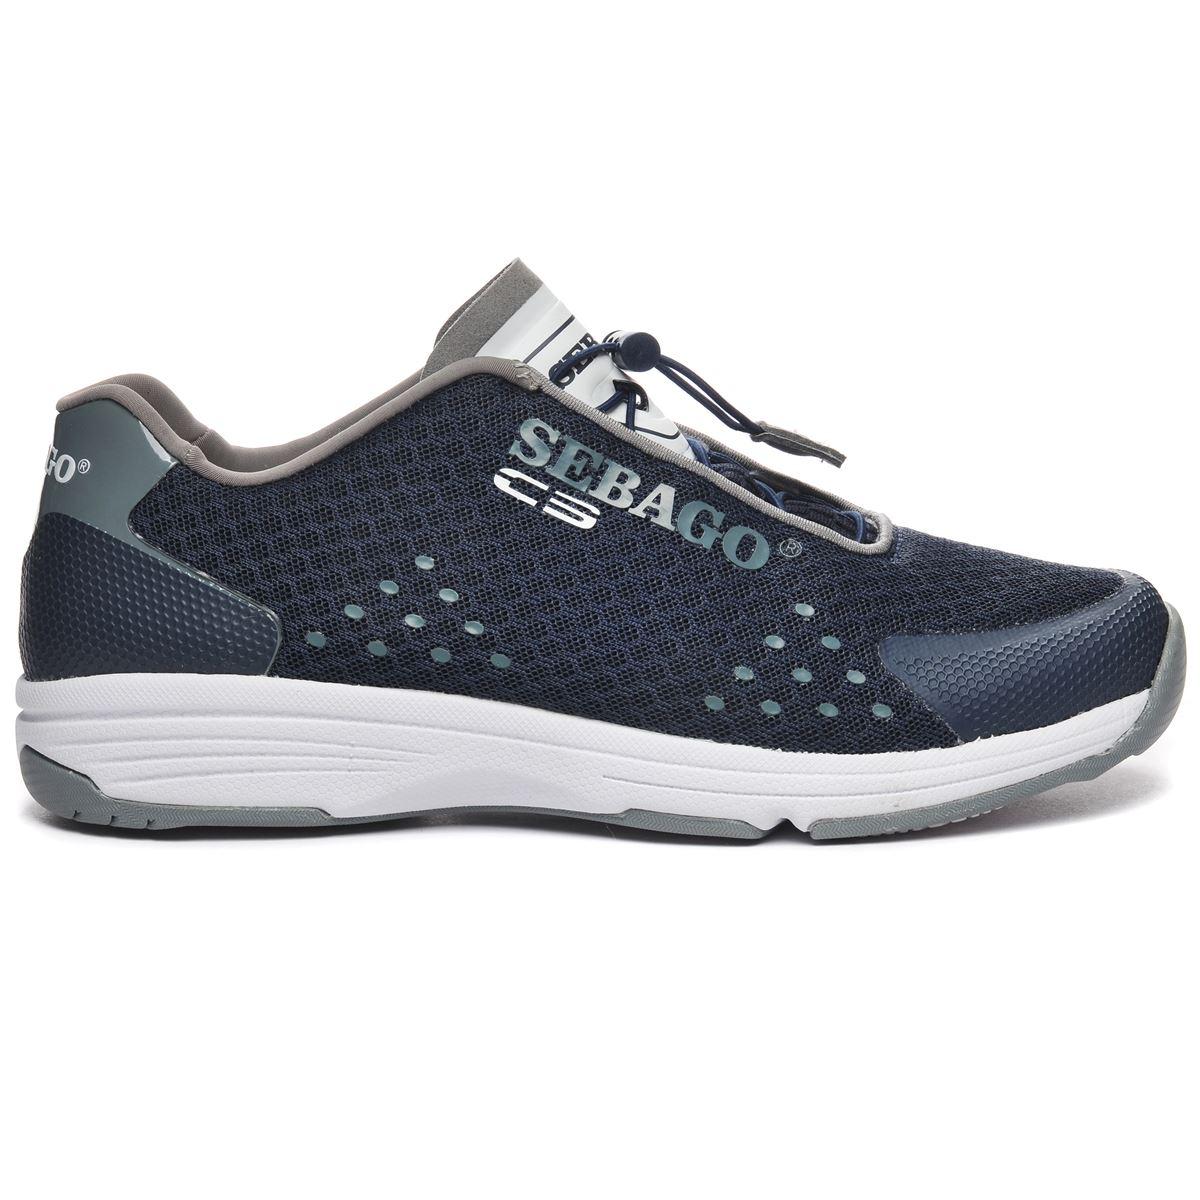 Sebago Sneakers donna-7000HR0